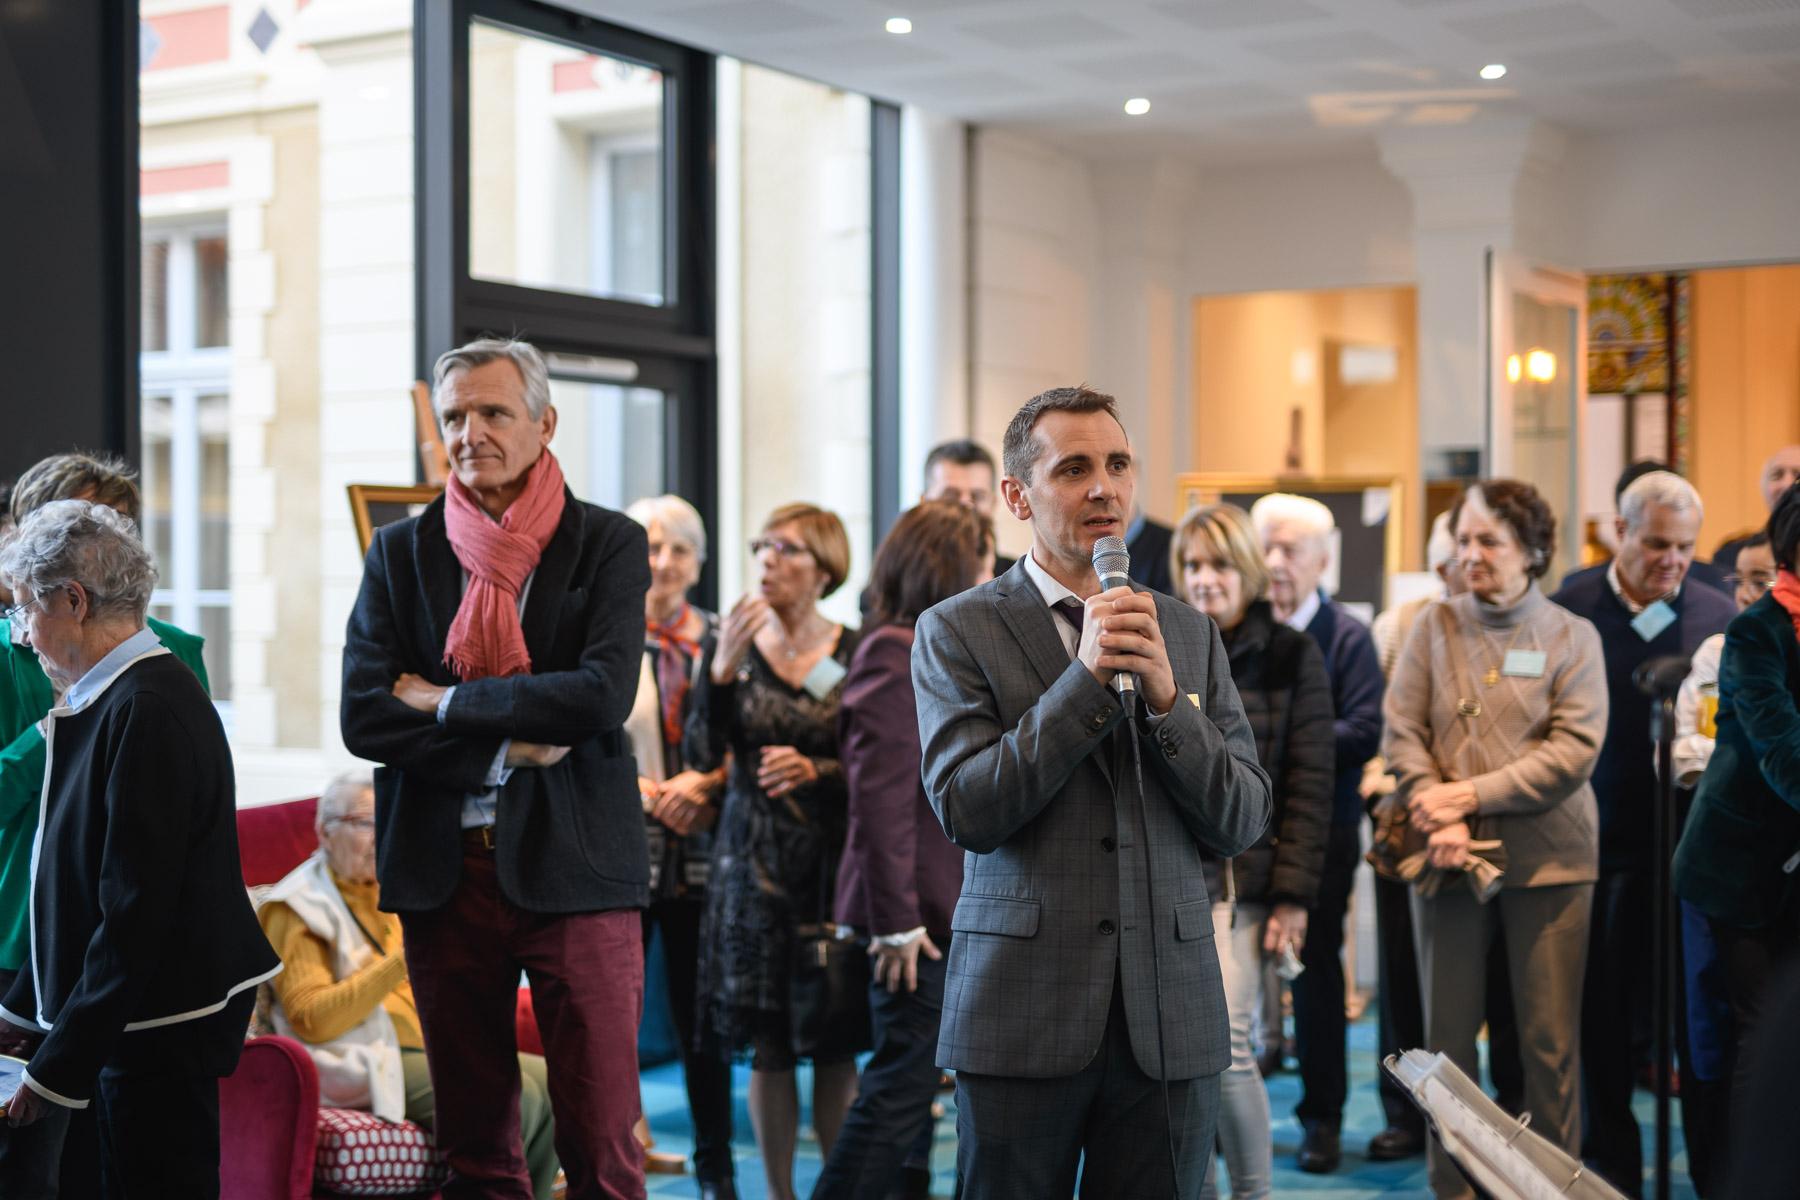 Aurélien AUDY - photographe Lyon - reportage inauguration villa beausoleil événement